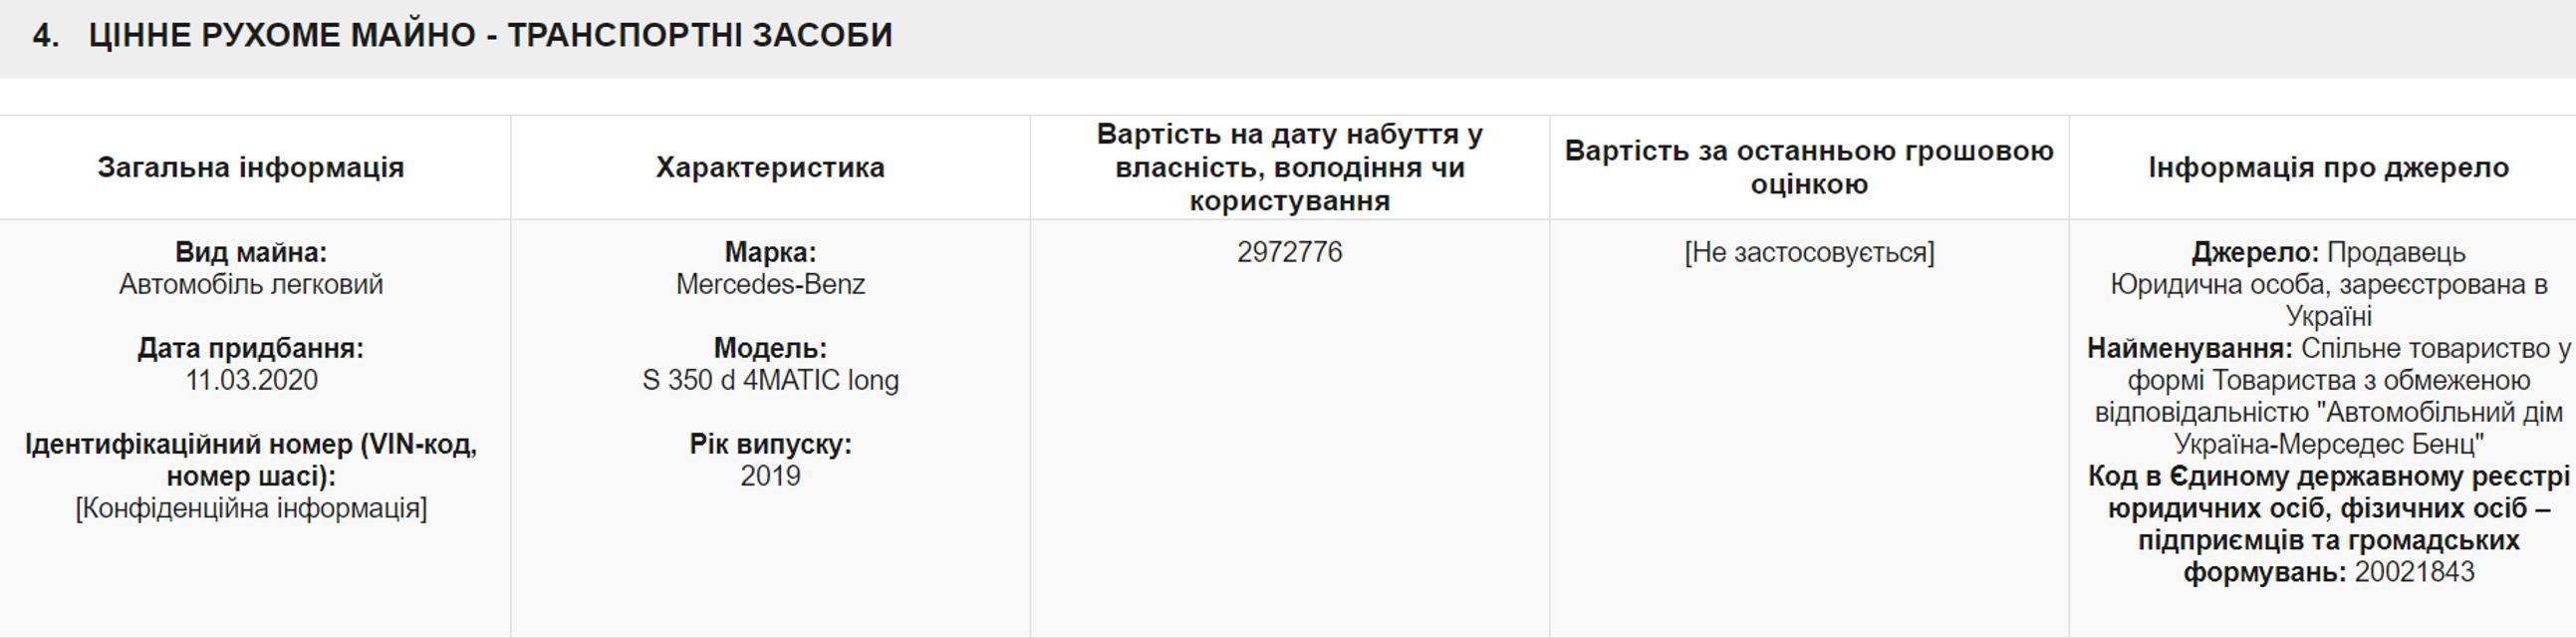 В день подписания 'соглашения' в Минске Ермак купил элитный Мерседес за 3,2 миллиона - фото 197605